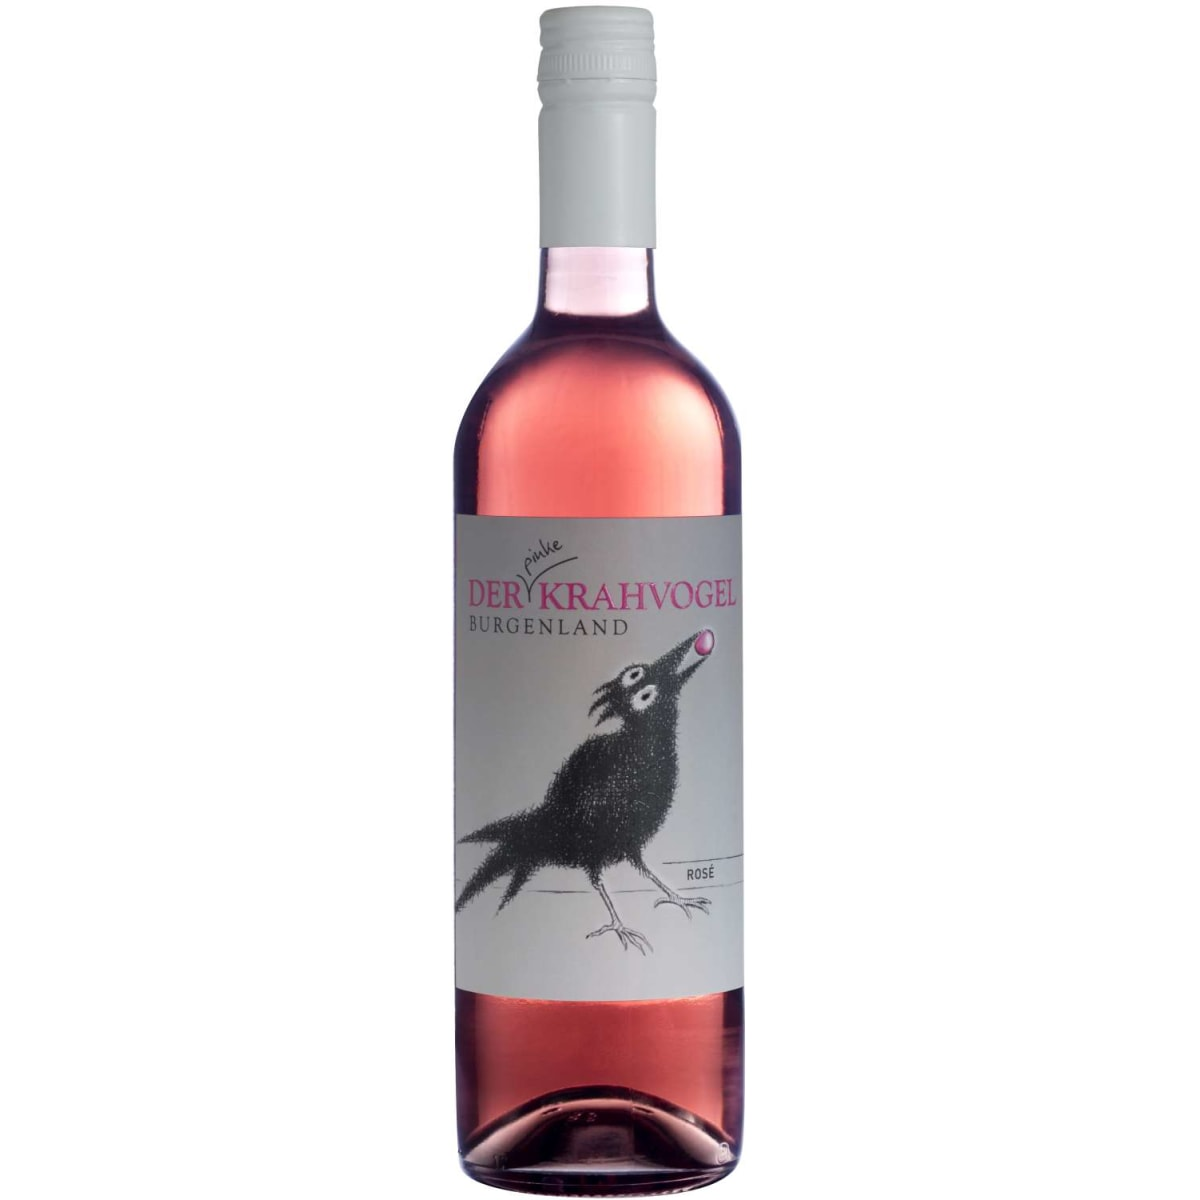 Schandl-Wein Der pinke Krahvogel